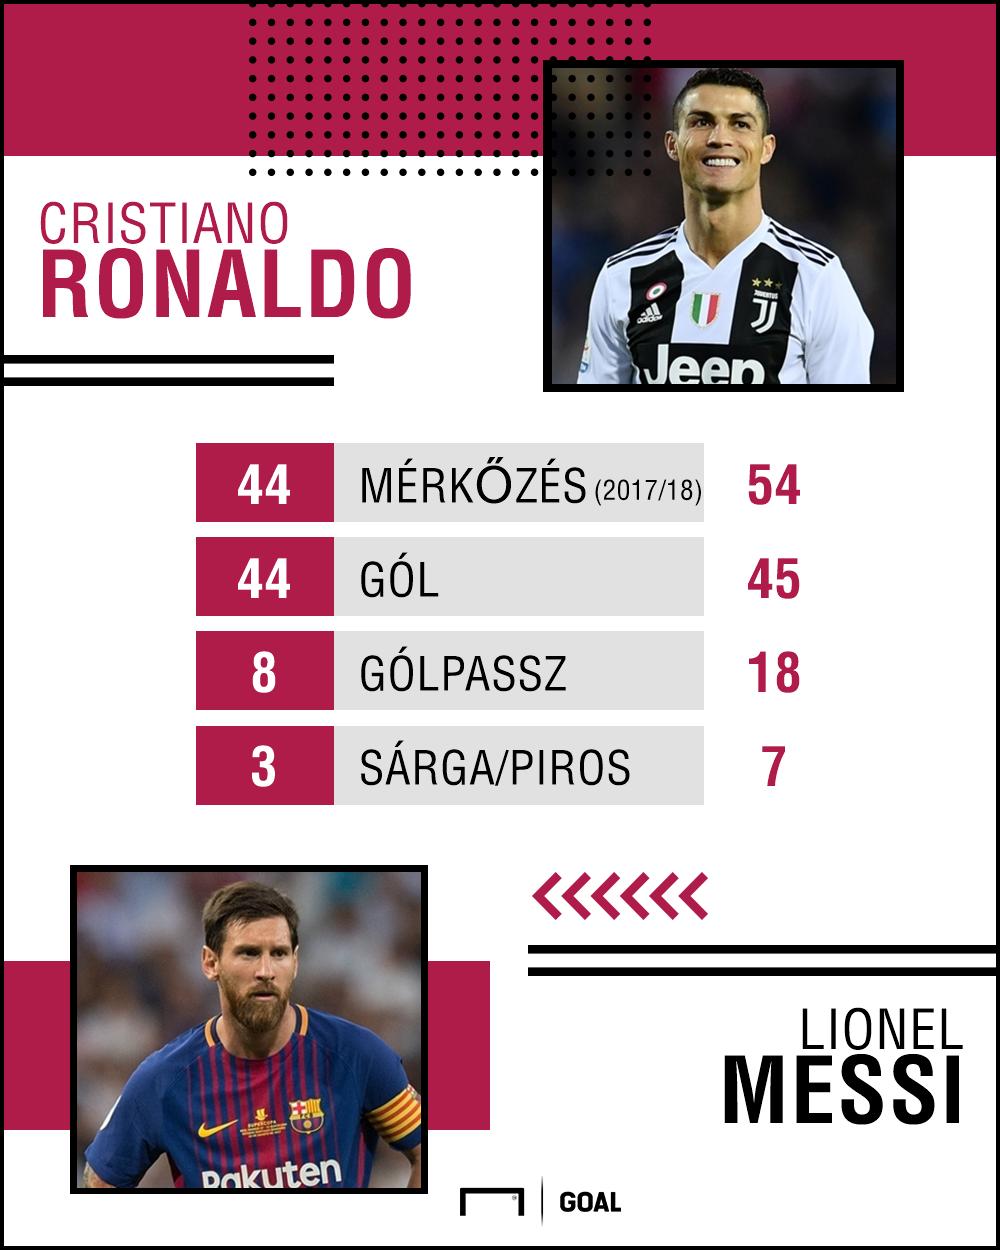 ronaldo vs messi 2017/18